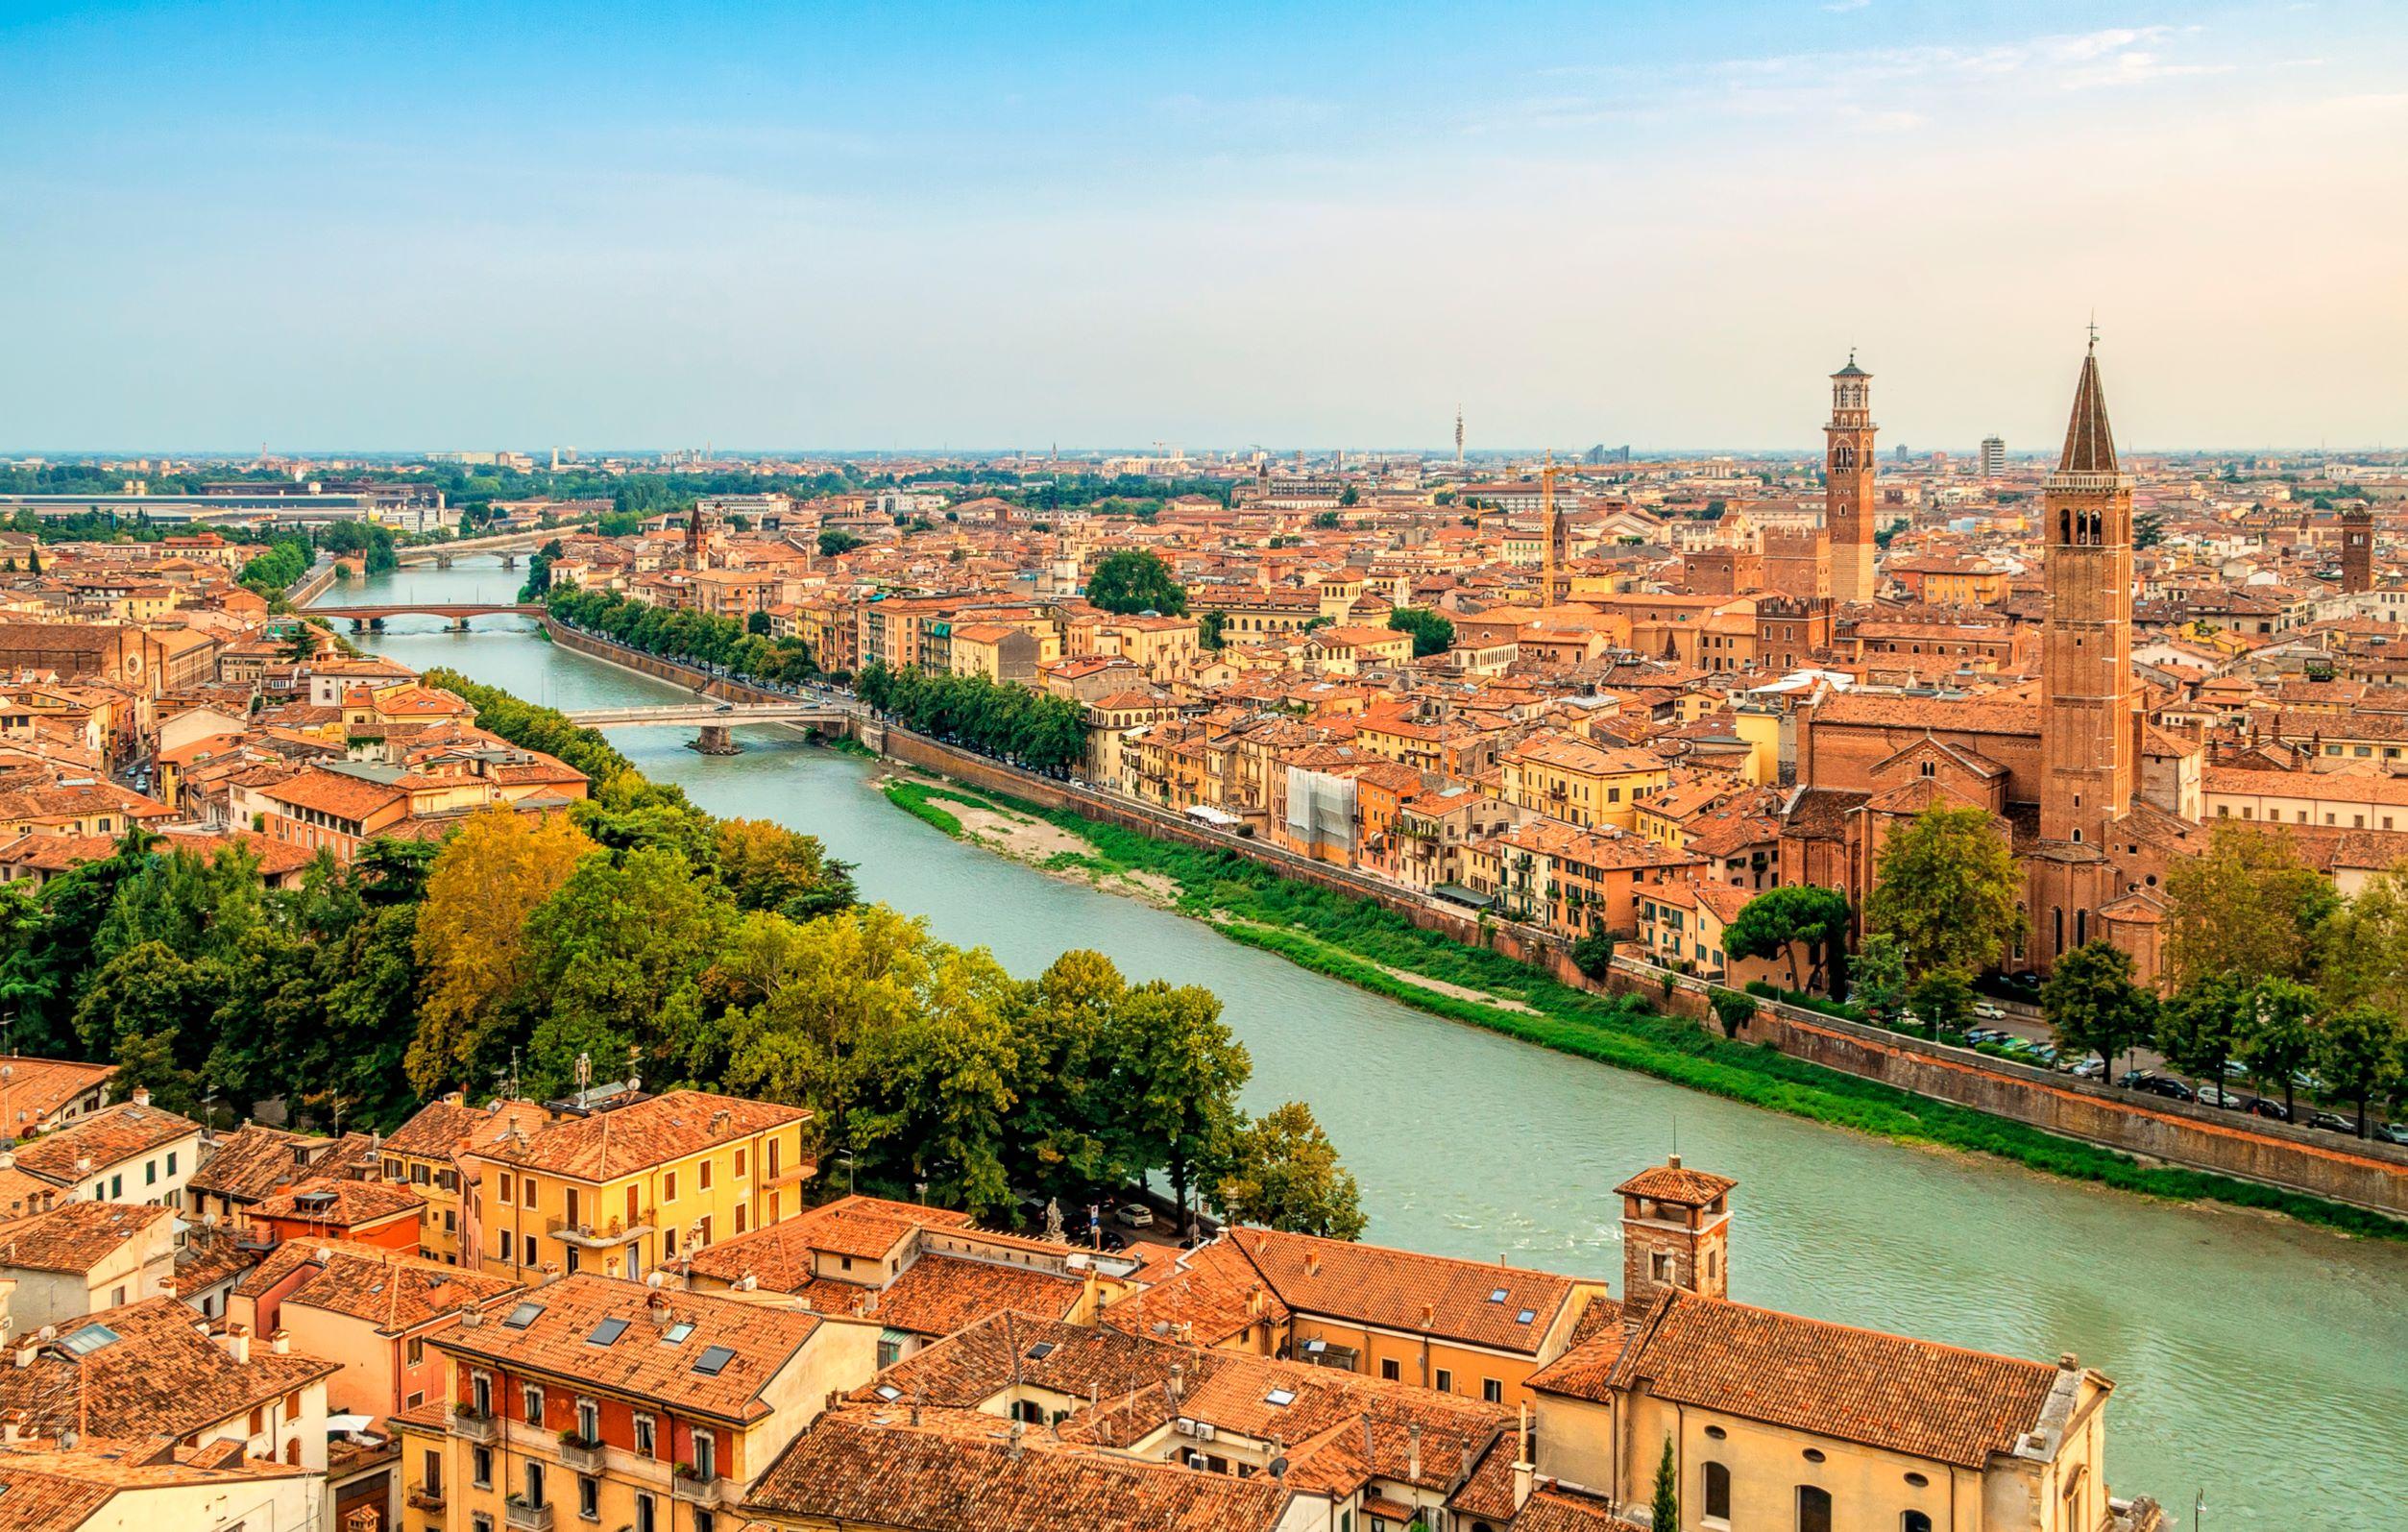 Se mai ti venisse in mente di chiedere a dei veronesi di parlarti di Verona, abbiamo qualche consiglio da darti